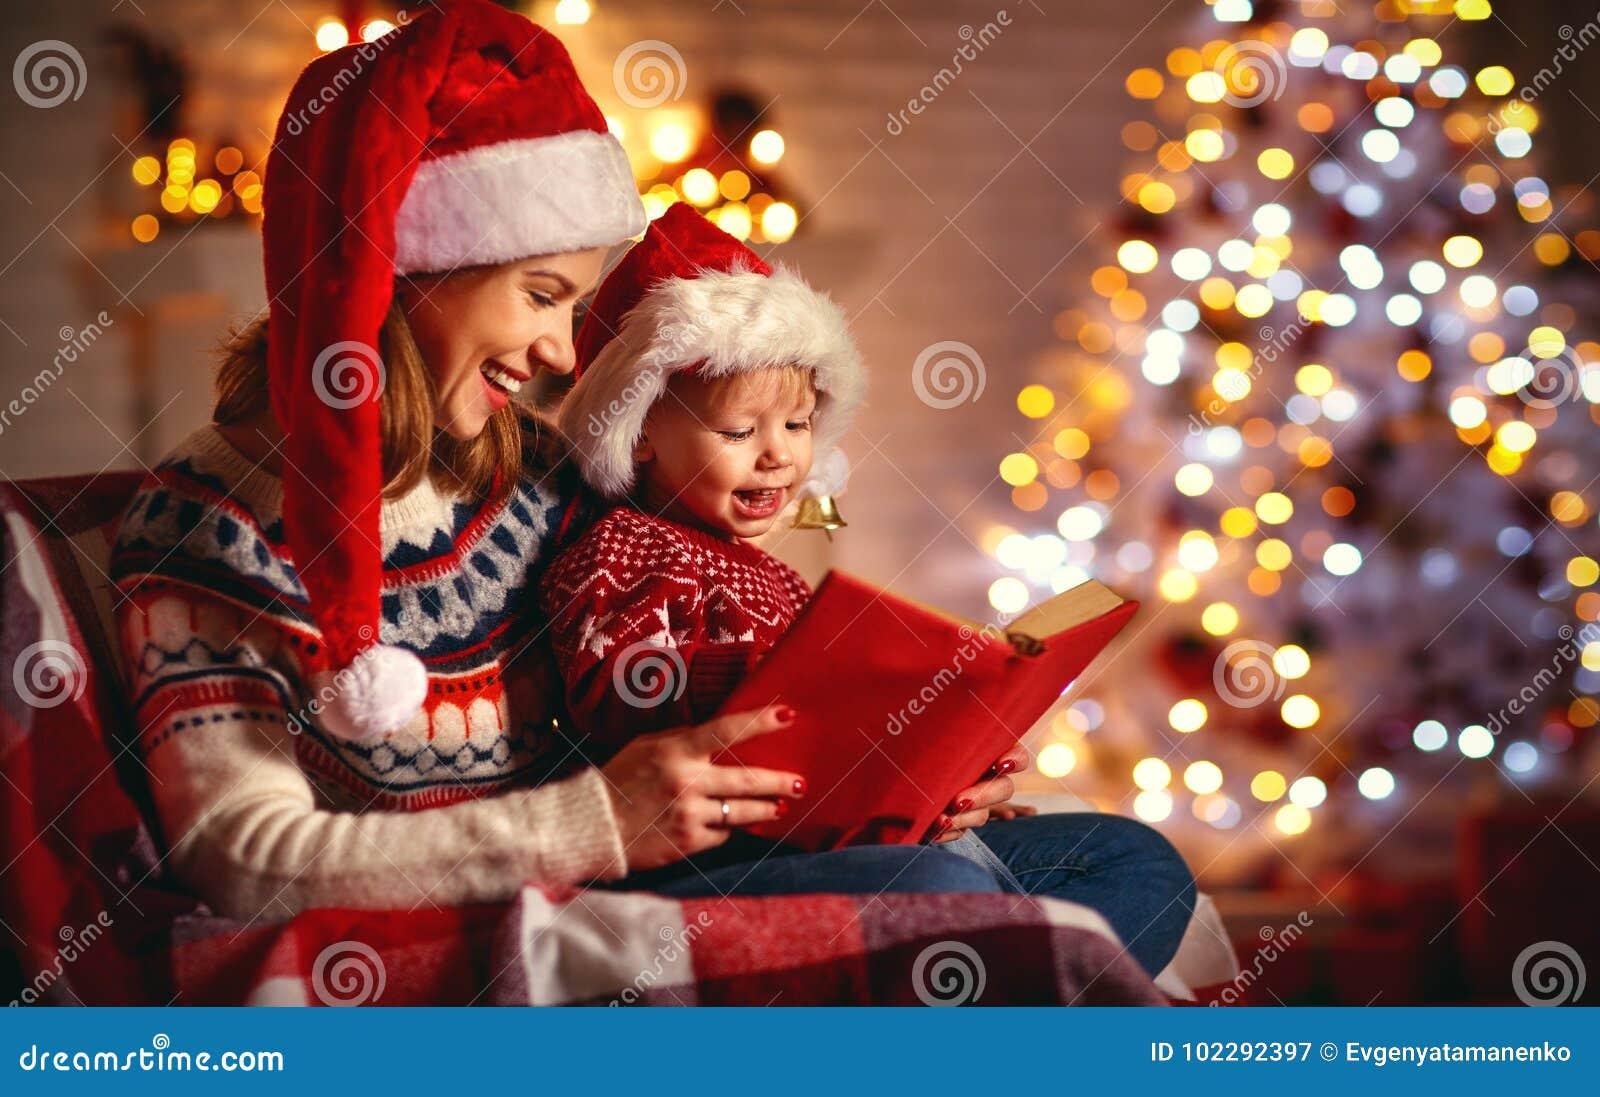 De vooravond van Kerstmis familiemoeder en baby die magisch boek thuis lezen